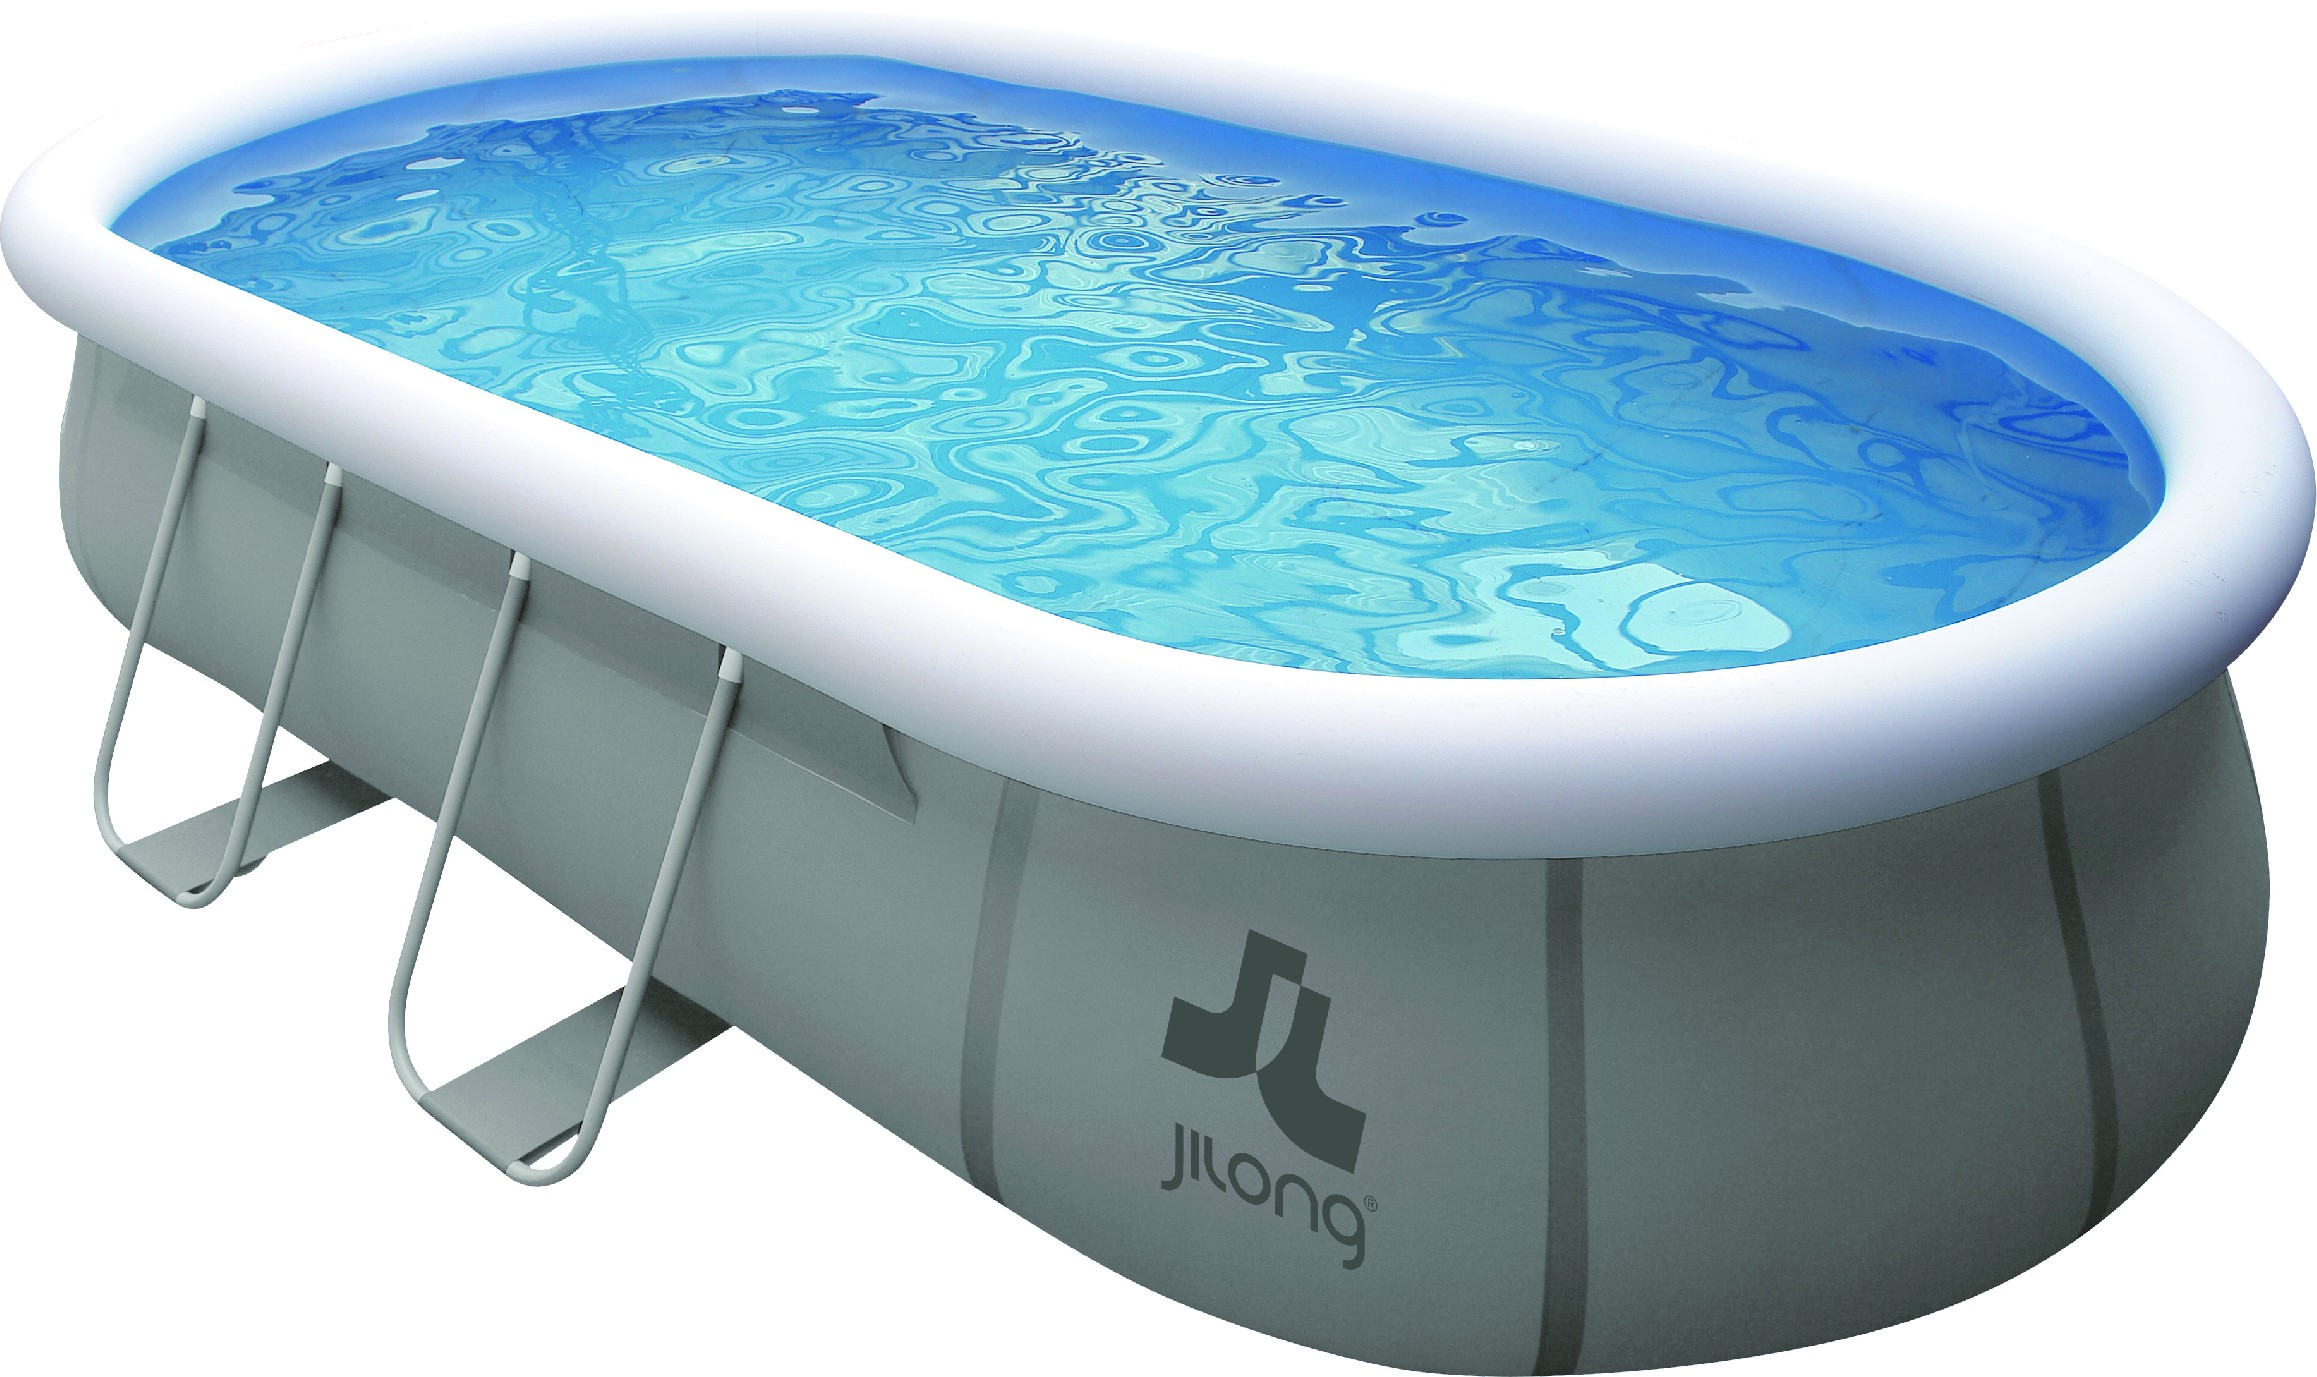 Oválný bazén s konstrukcí 540 x 304 x 106 cm - set